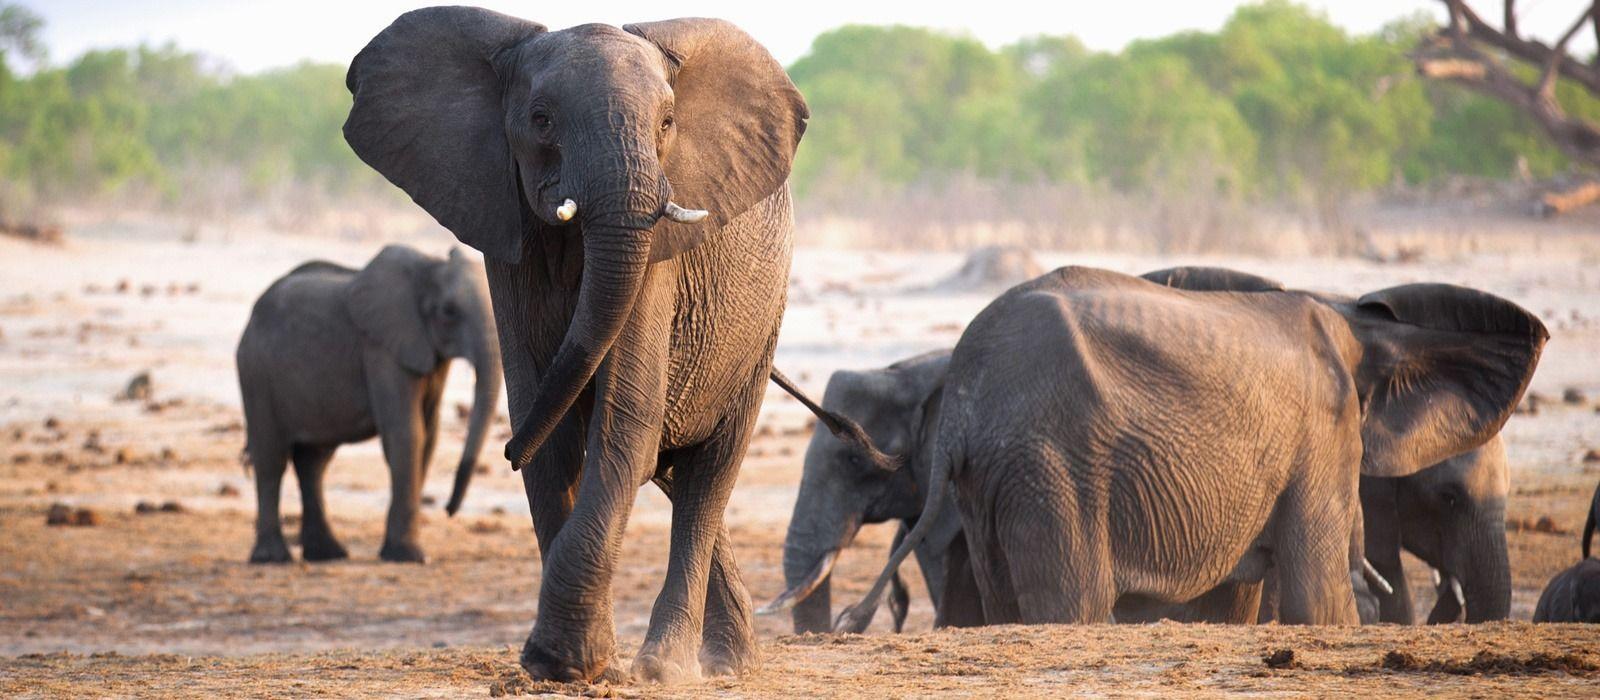 Classic Kenya: Samburu, Masai Mara and Beach Break Tour Trip 2